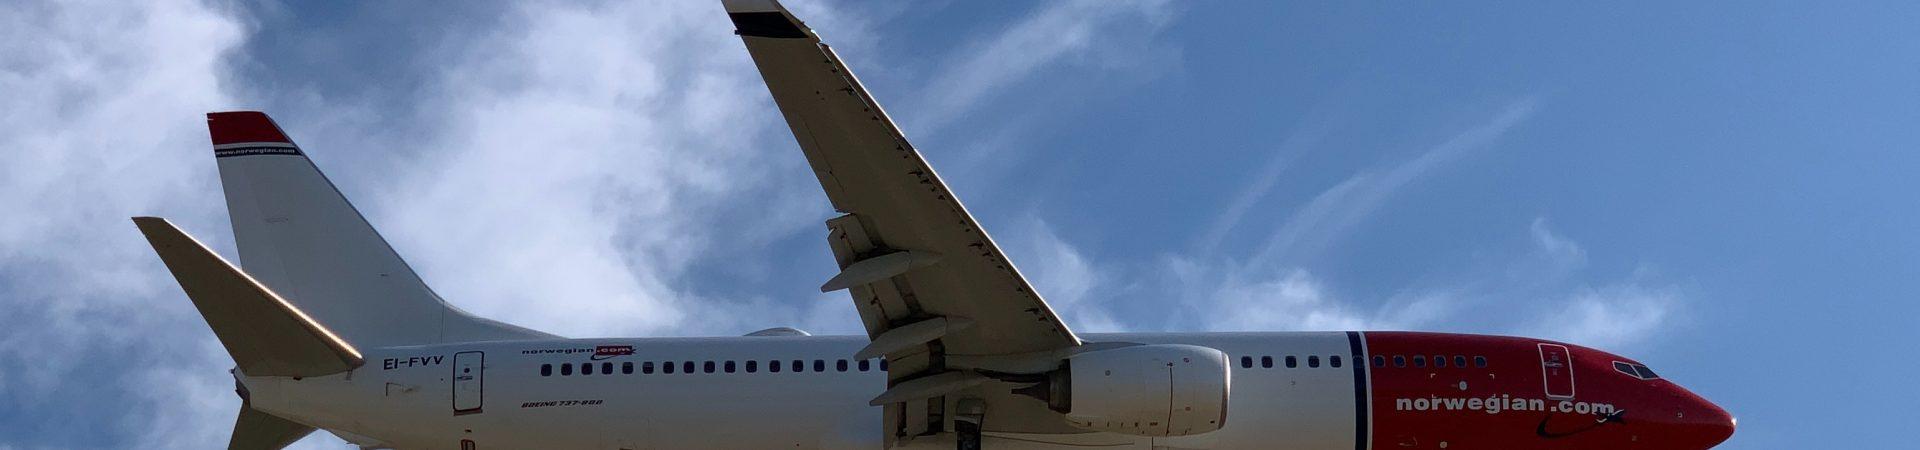 Fly fra Hamborg til Tenerife